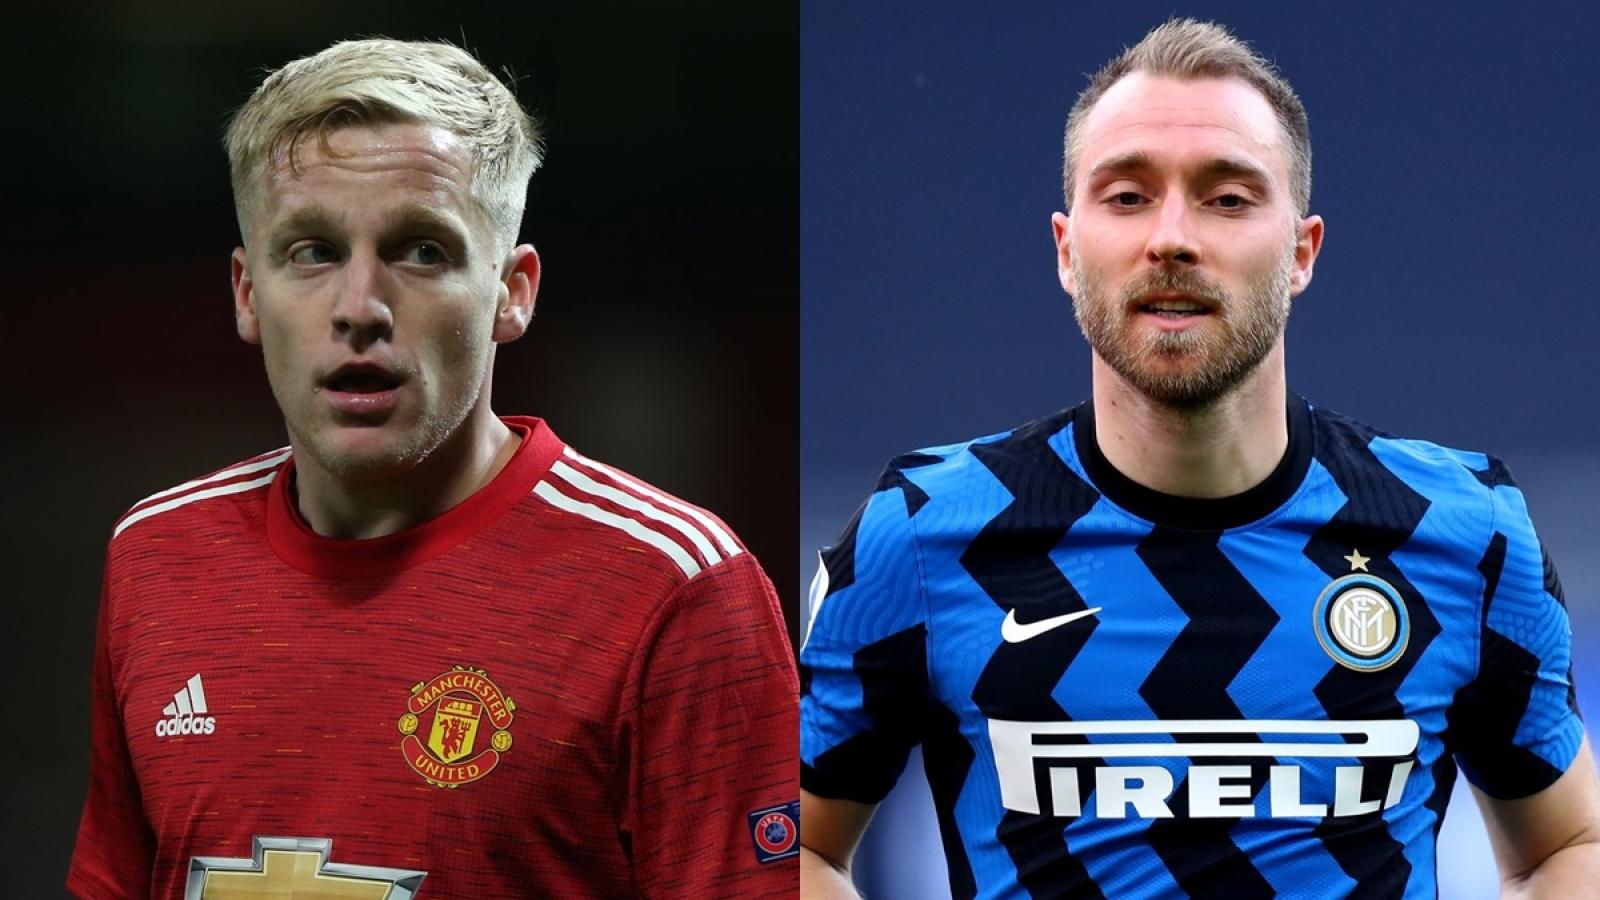 Inter Milan muốn đón Van De Beek từ MU để thế chỗ Eriksen